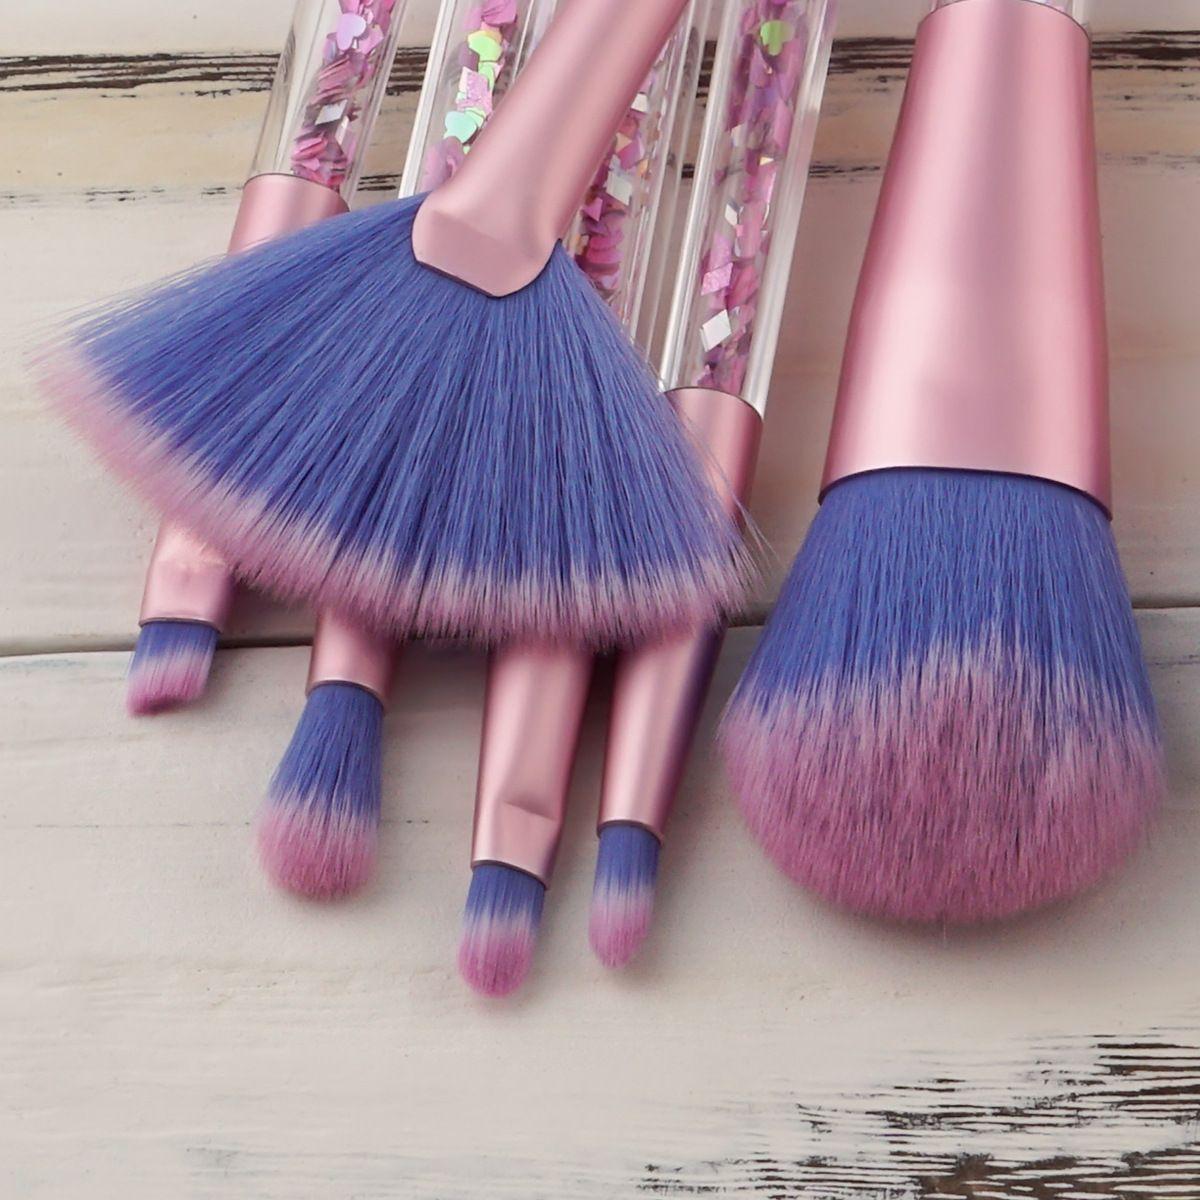 Glitter Kristal Makyaj Fırça Seti 7 adet Elmas Profesyonel Vurgulayıcı Fırçalar Kapatıcı Makyaj Fırça Seti Mermaid Fırçalar Kiti